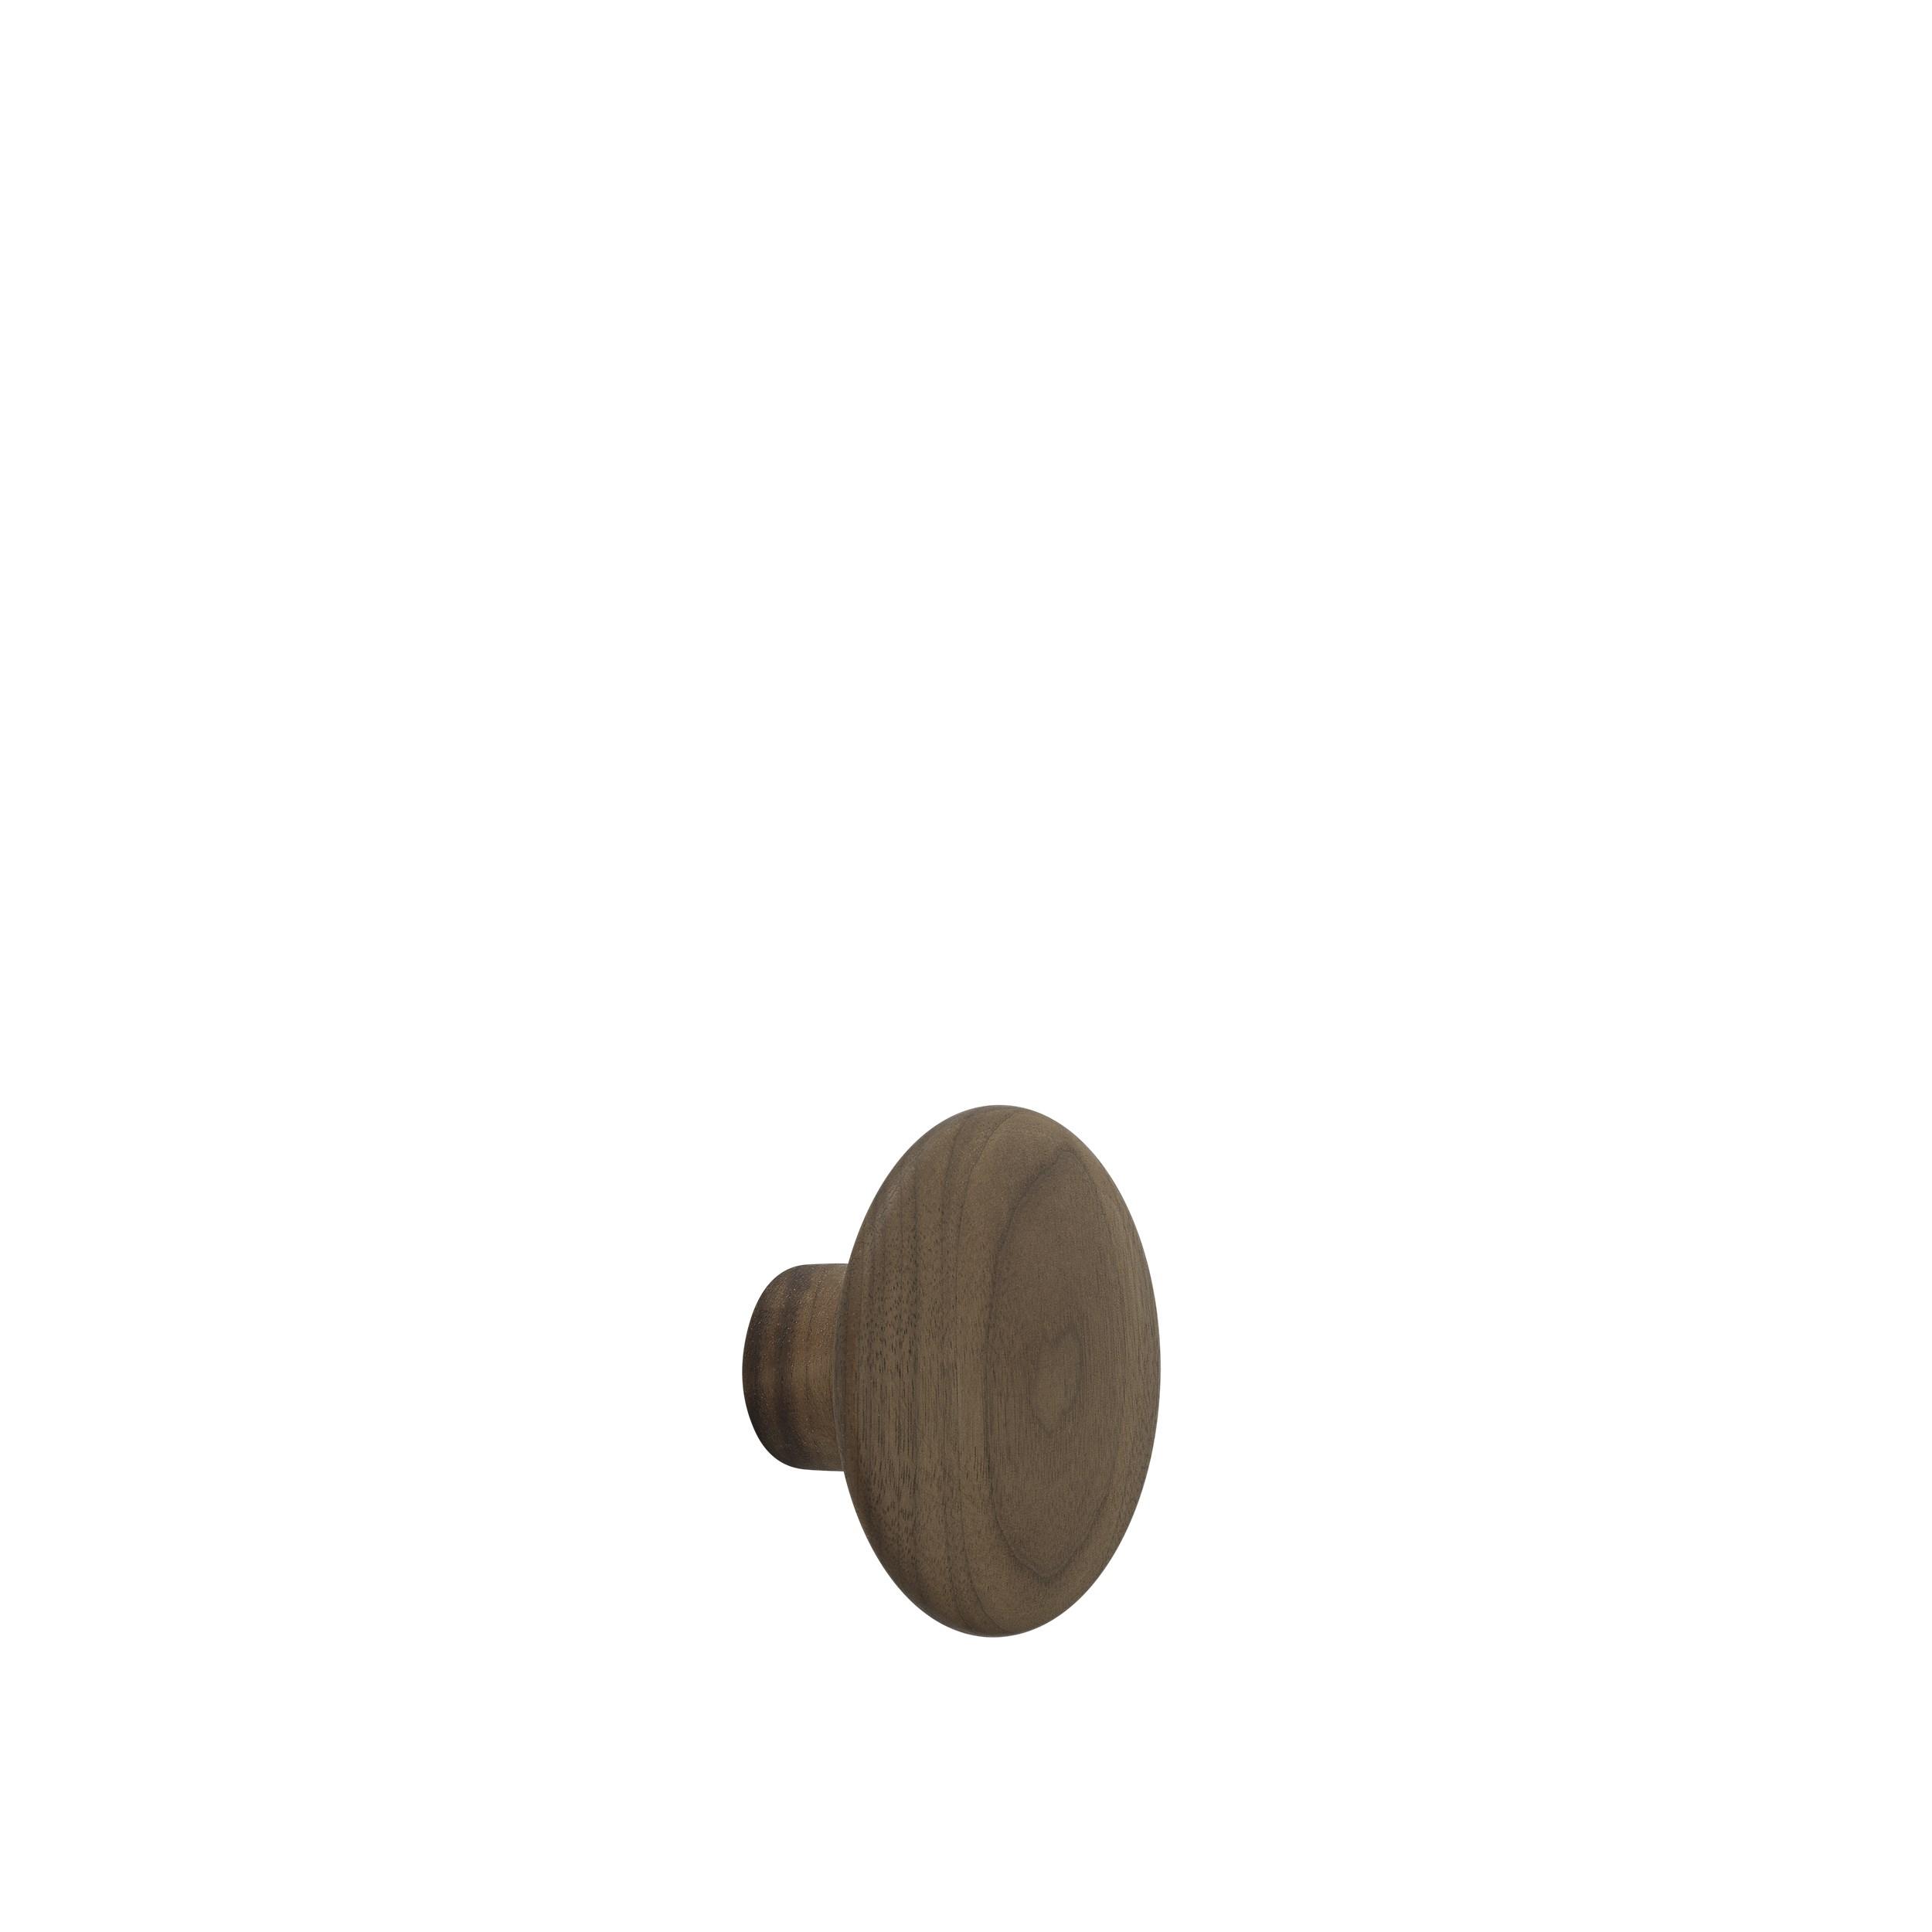 Dot wood small Ø 9 cm walnut